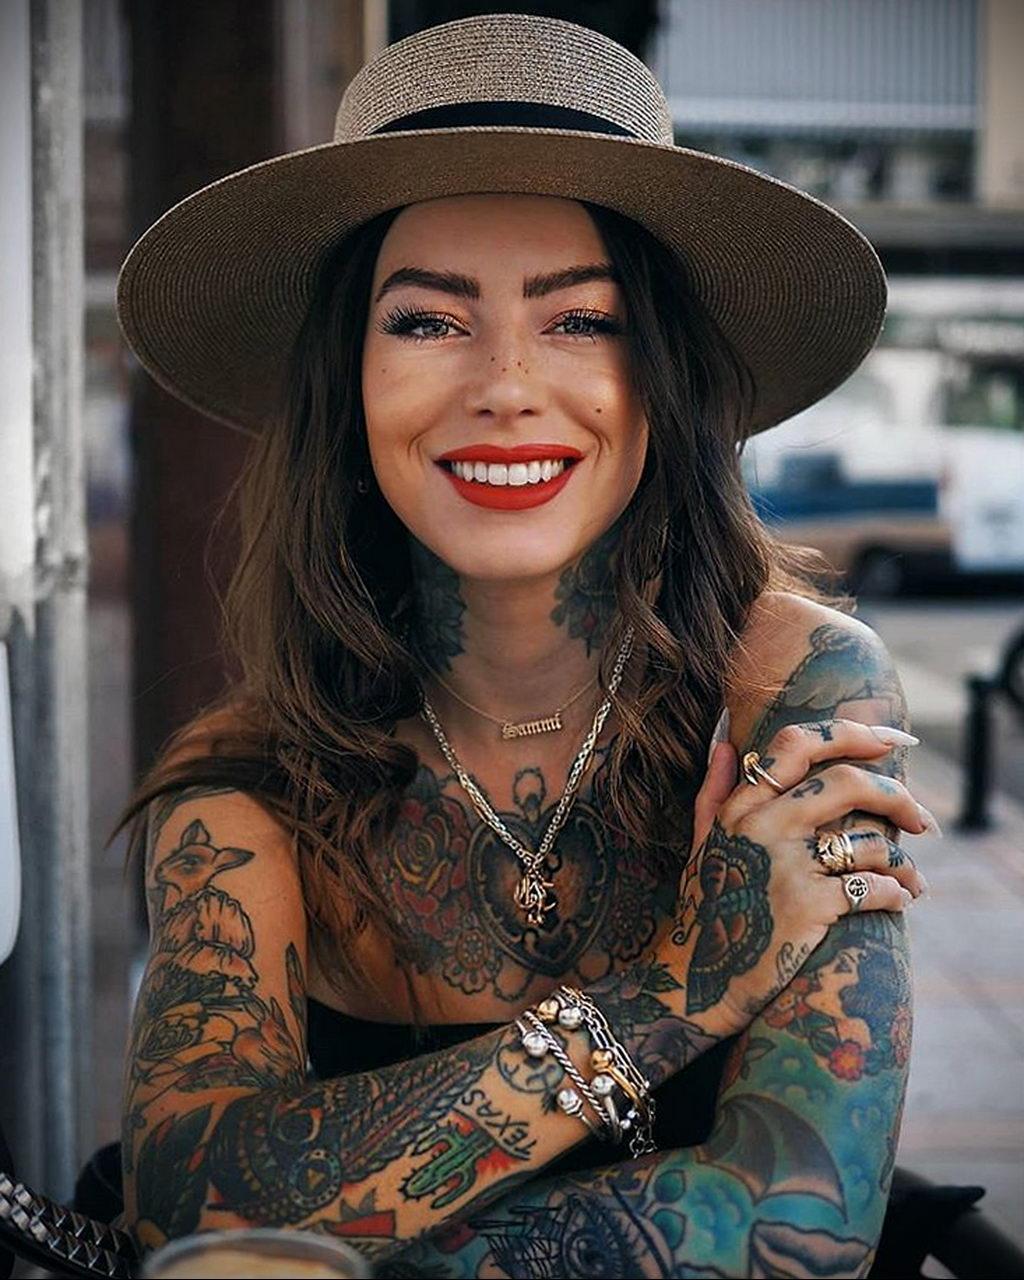 Девушка с татуировками и в шляпе сидит за столиком в кафе – 08.01.2020 - tatufoto.com